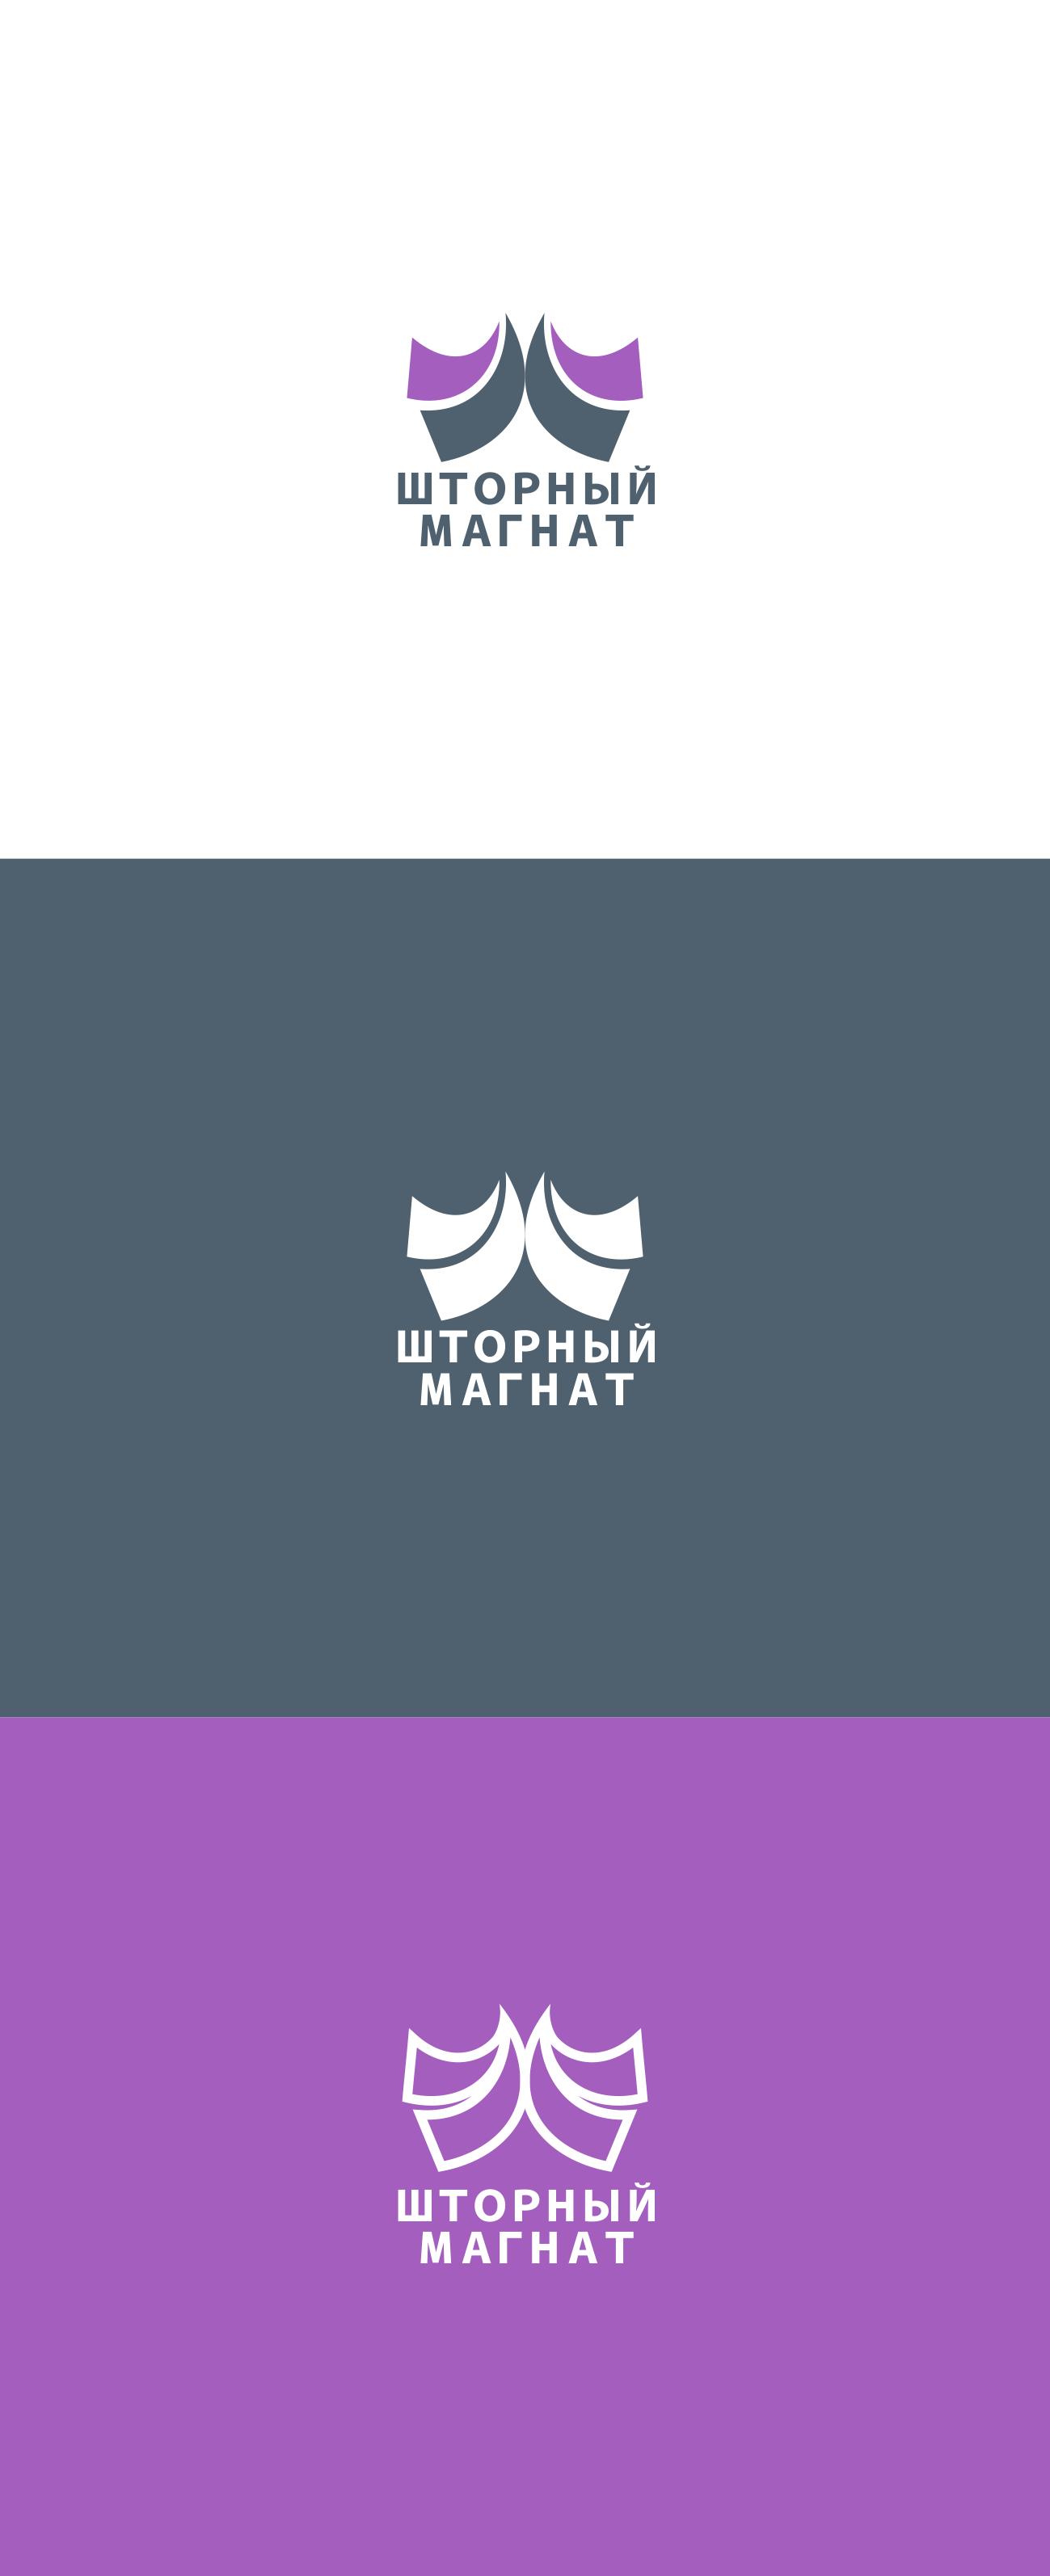 Логотип и фирменный стиль для магазина тканей. фото f_7435cdd58c9eeec0.jpg